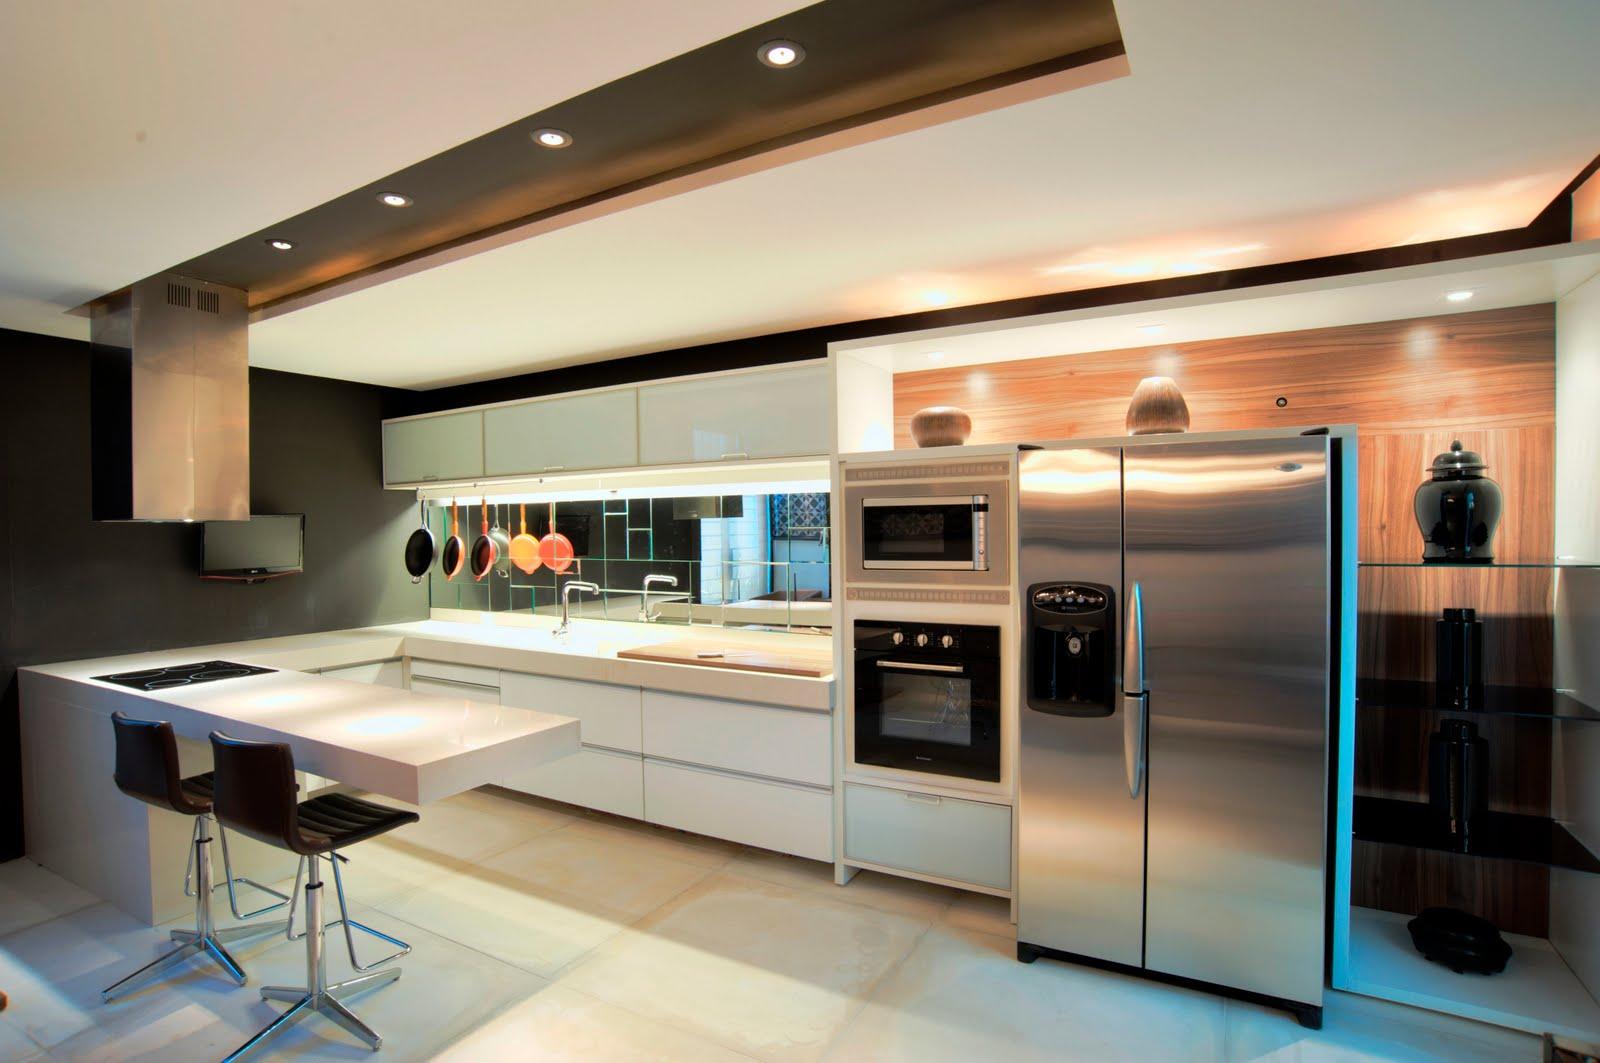 Decoração de Cozinha Gourmet Fotos e Modelos #995732 1600 1063